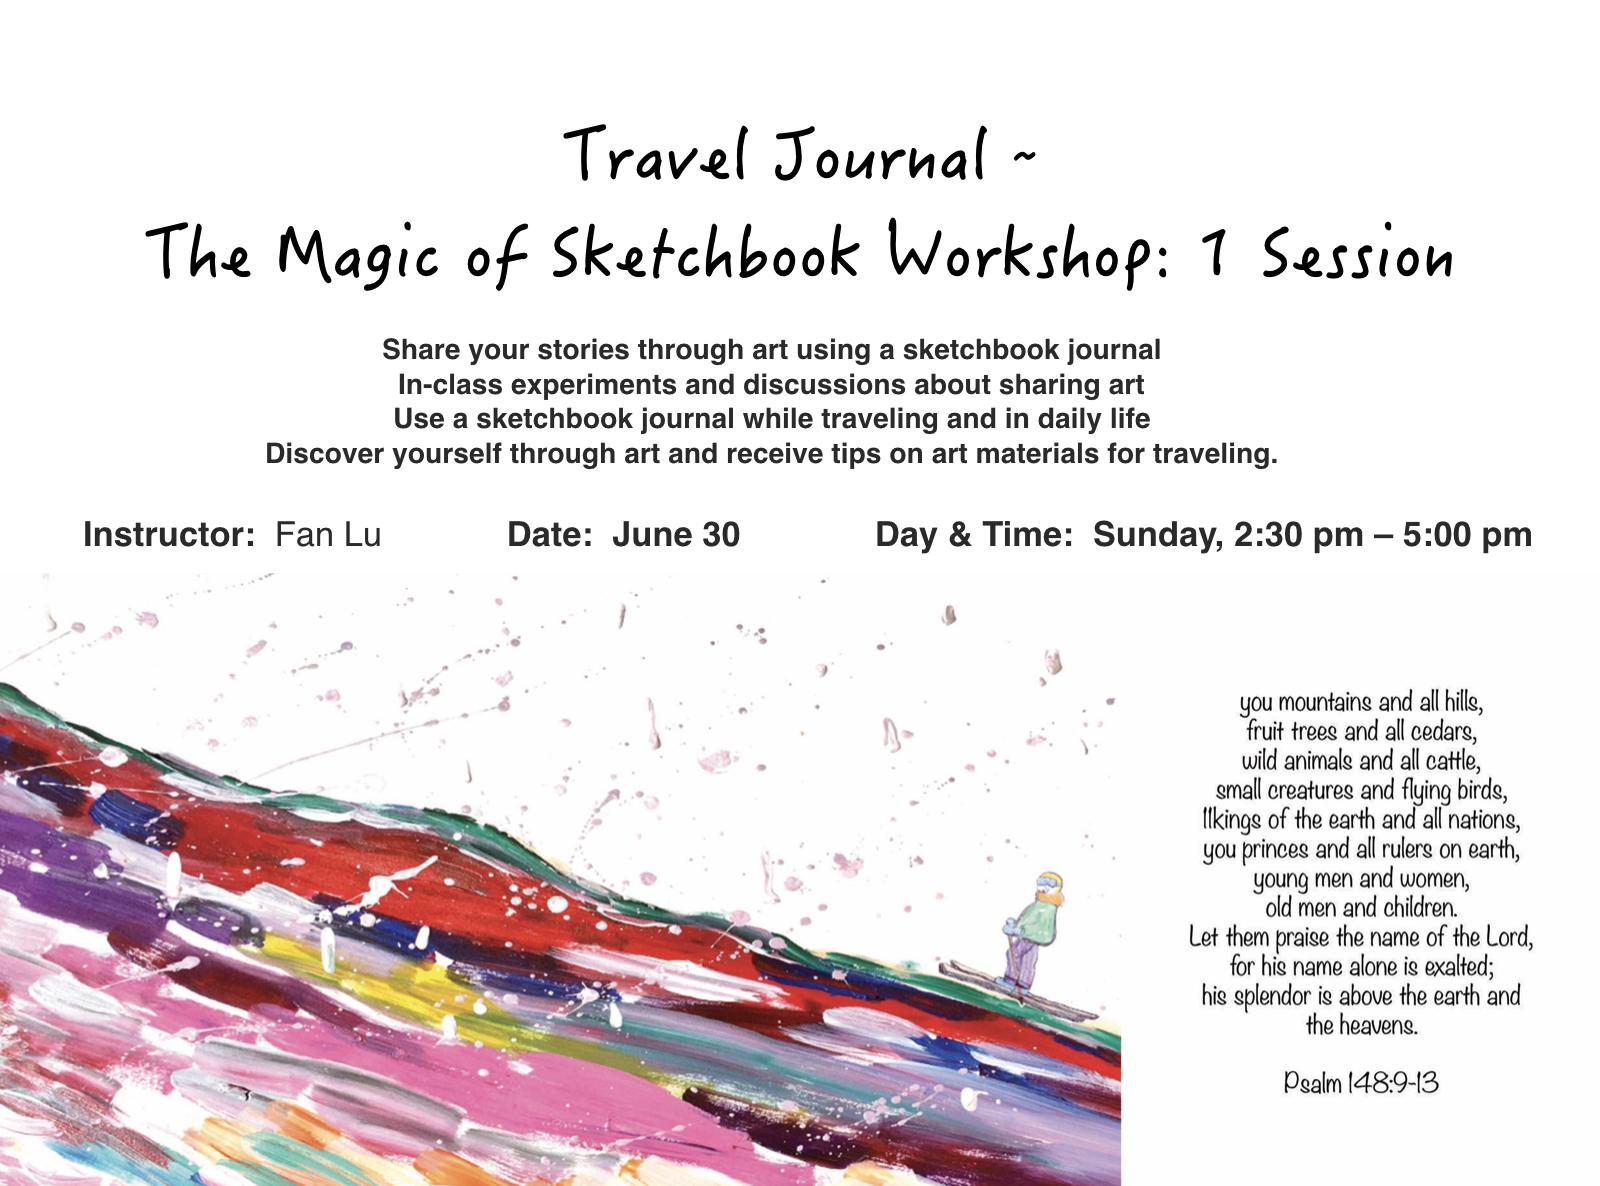 Sketchbook Workshop - Workshop designed and instructed by Fan Lu